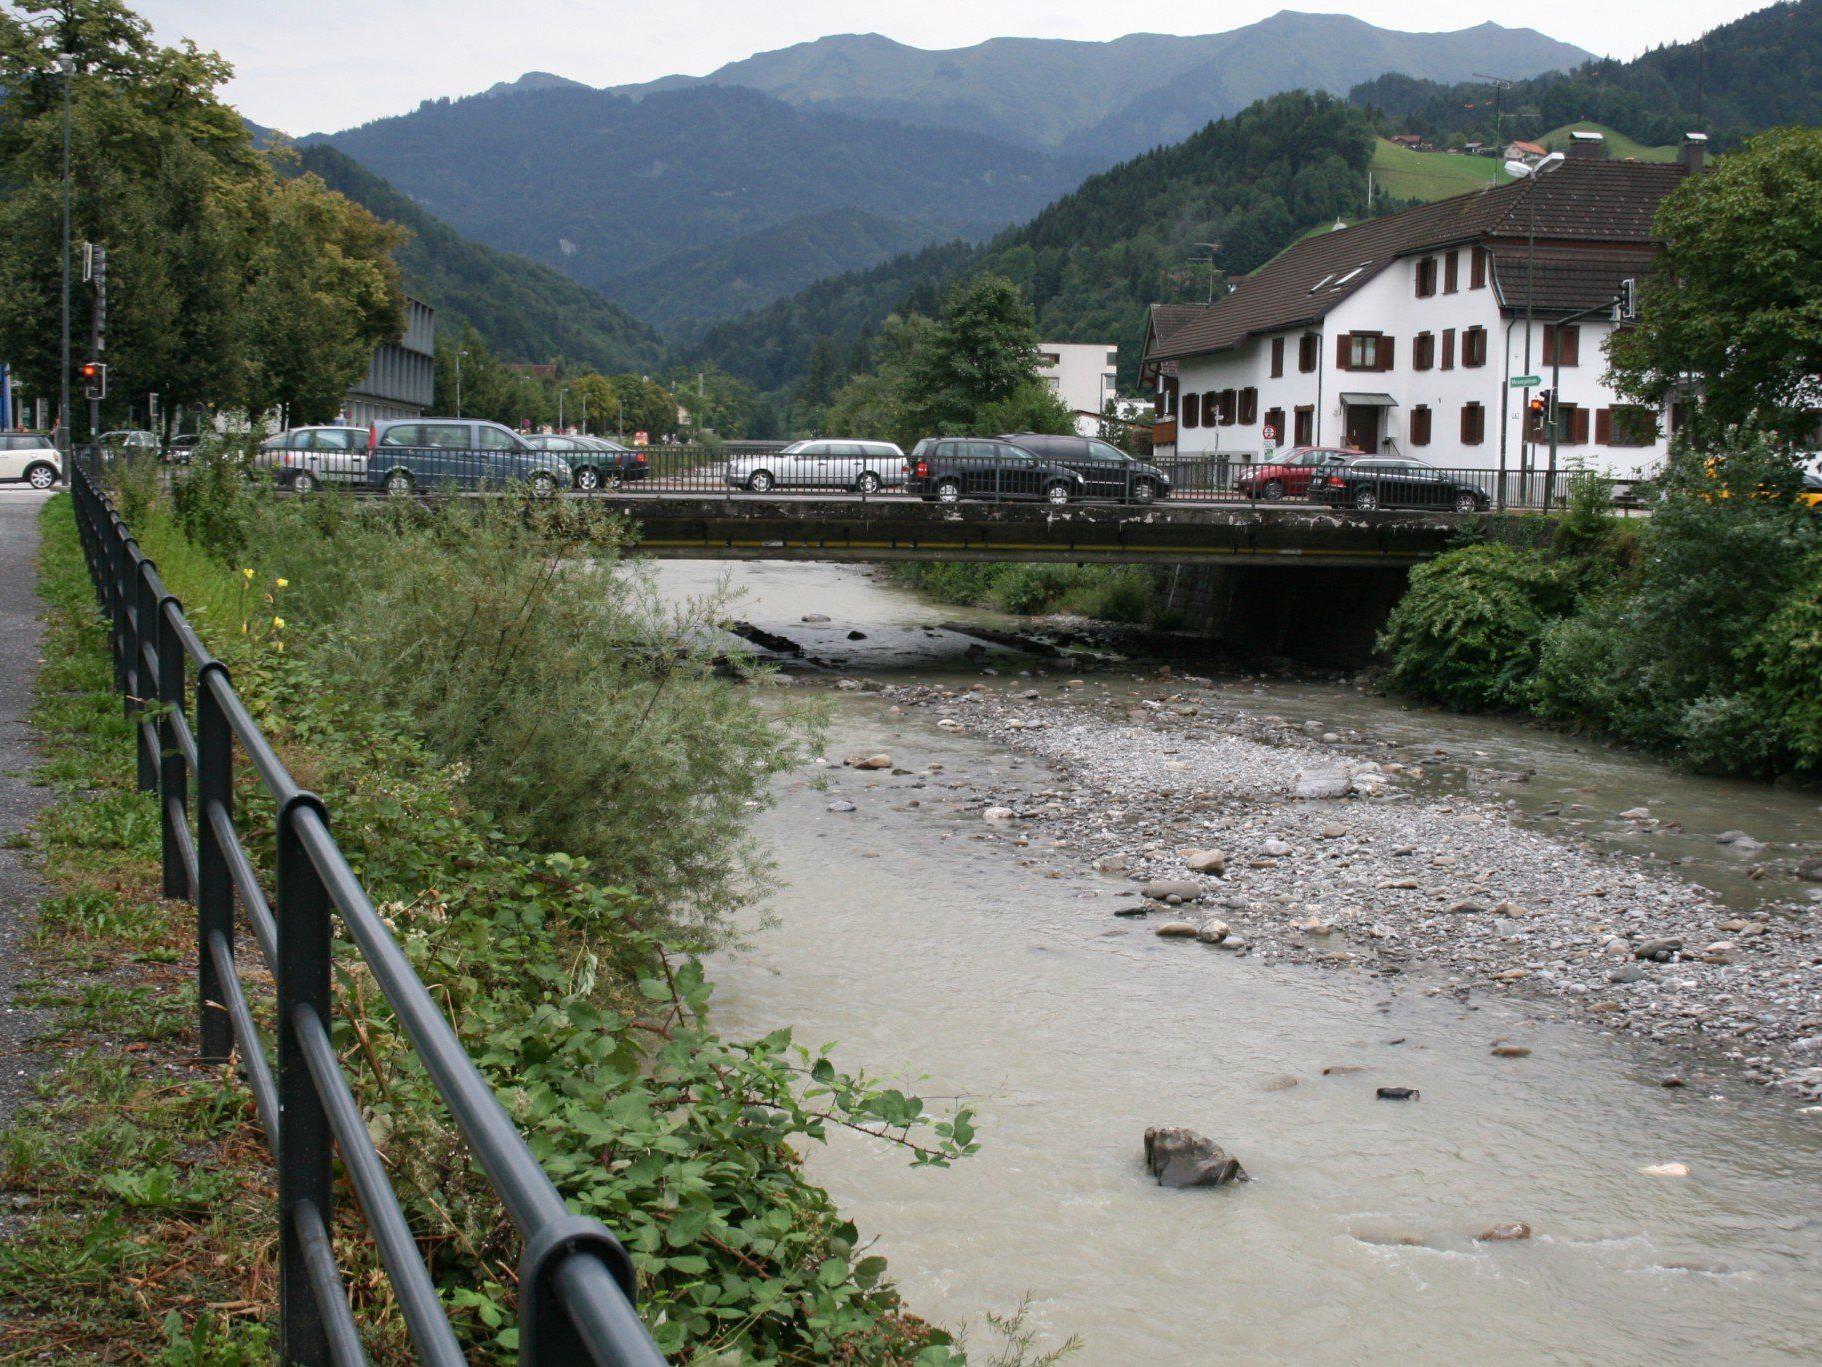 2014 wird die Sägerbrücke erneuert. Vorher erfolgt eine Absenkung der Flusssohle.